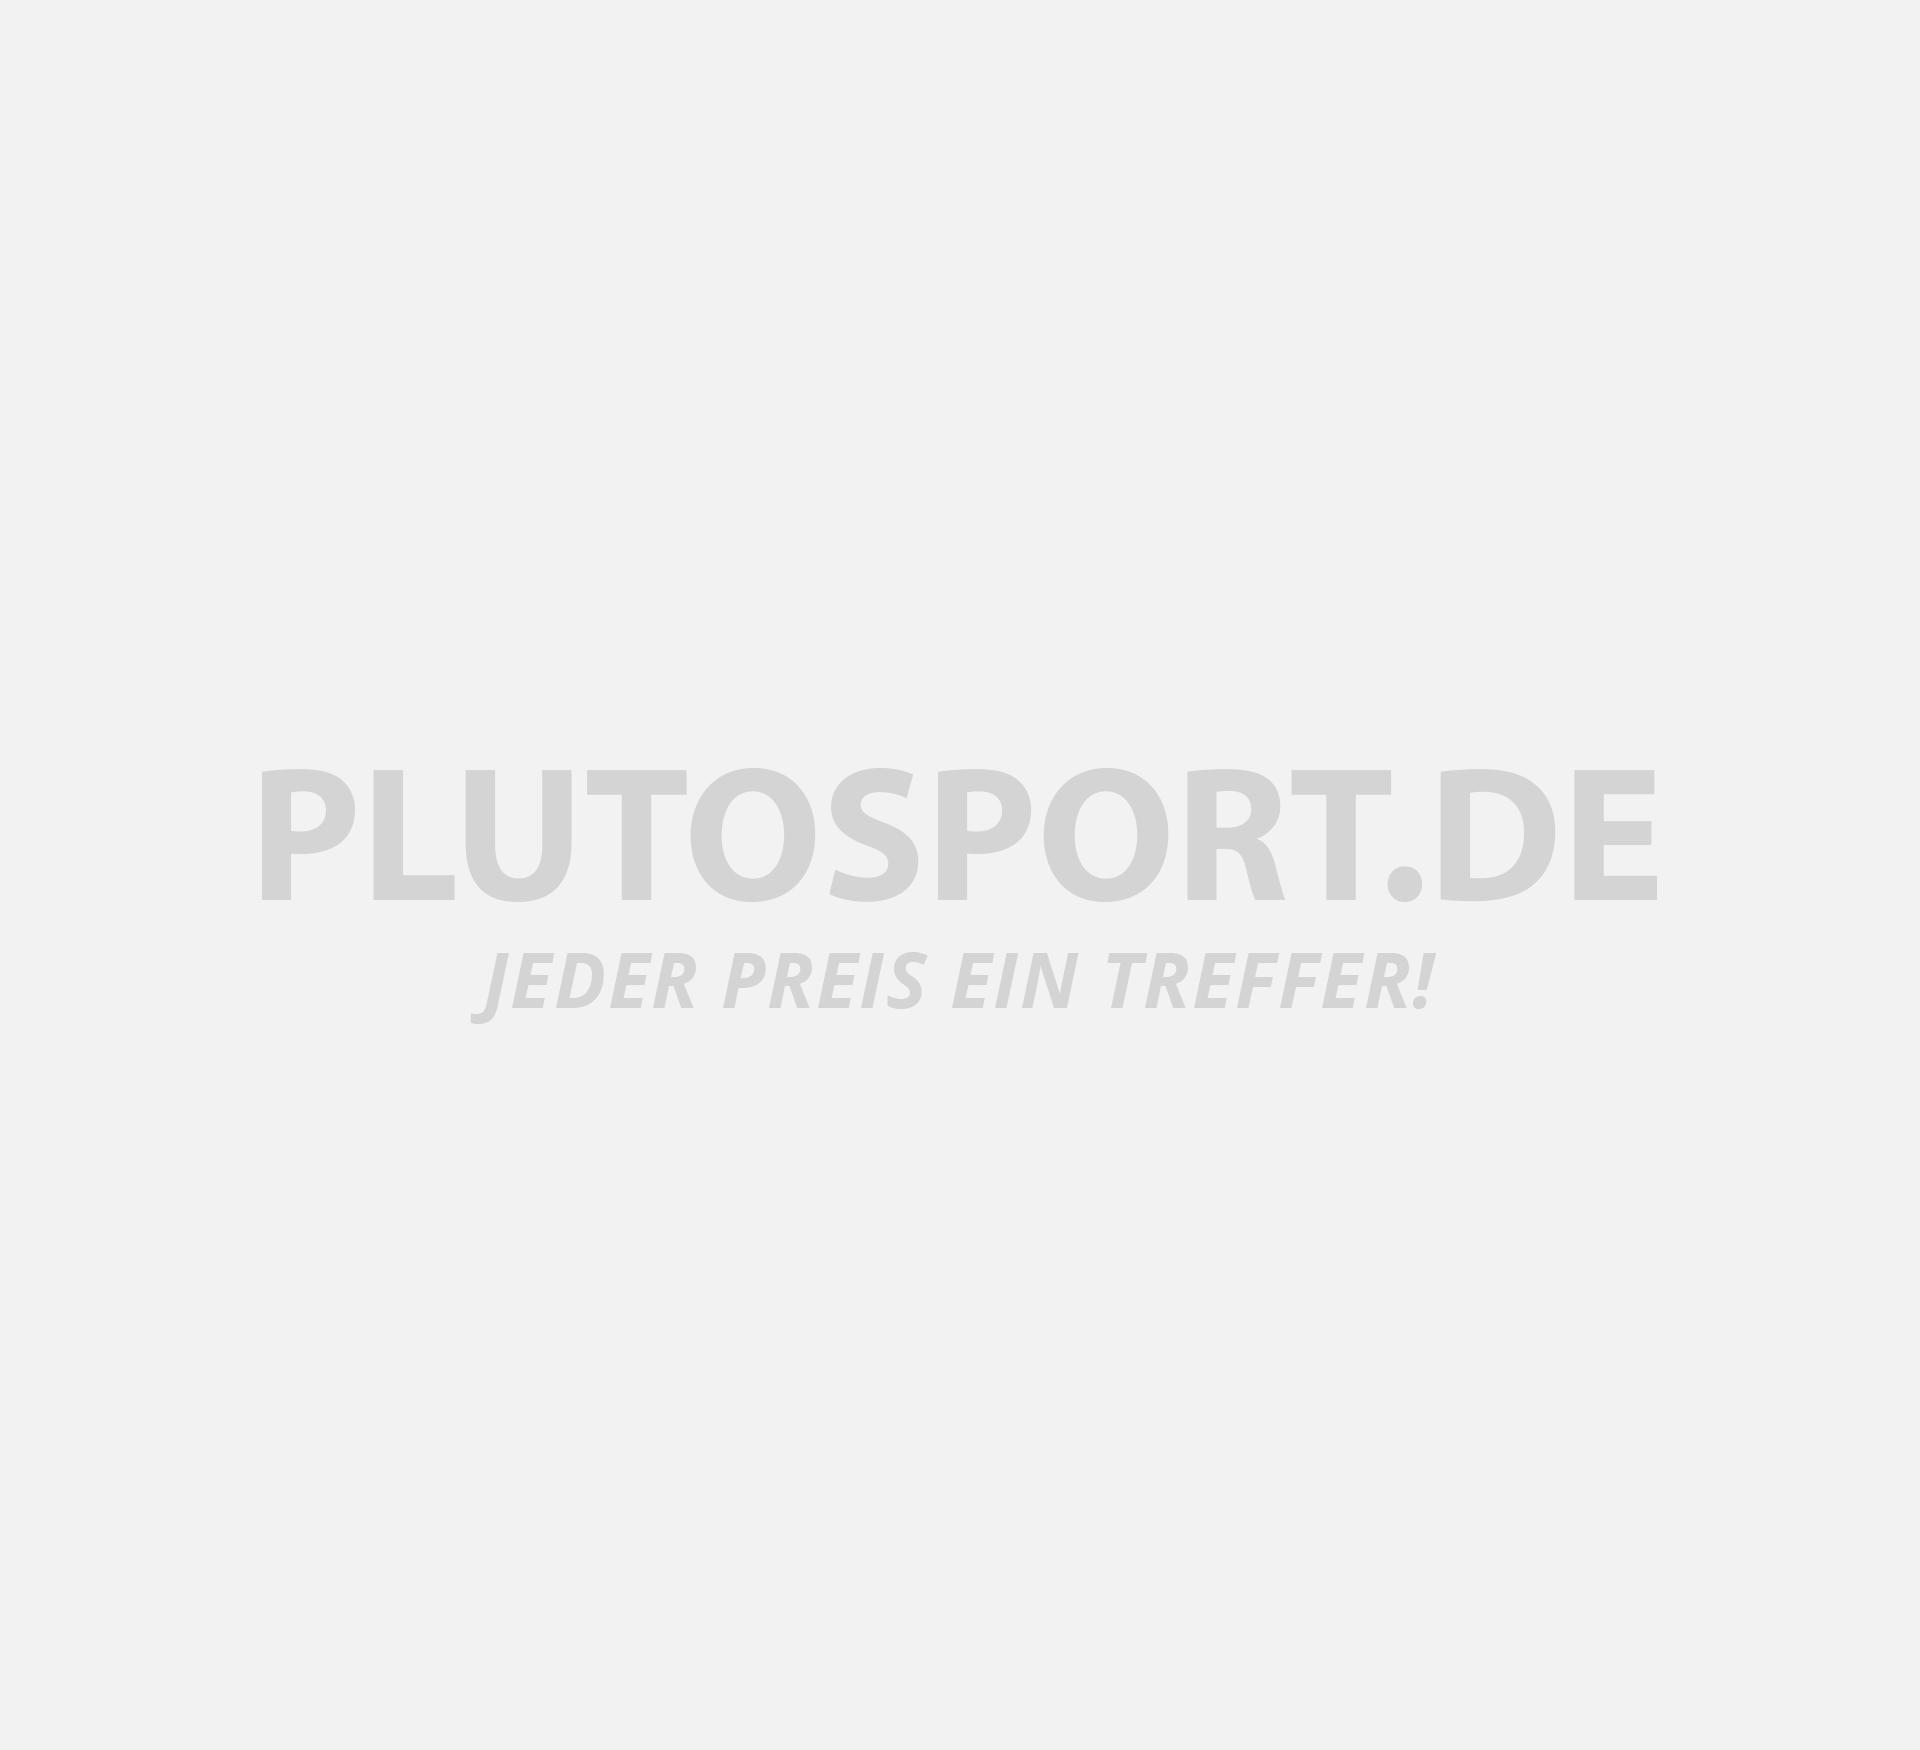 Srhctdq Classic Freizeit Source Jr Schuhe Sandalen Kinderplutosport vmNy80nOw